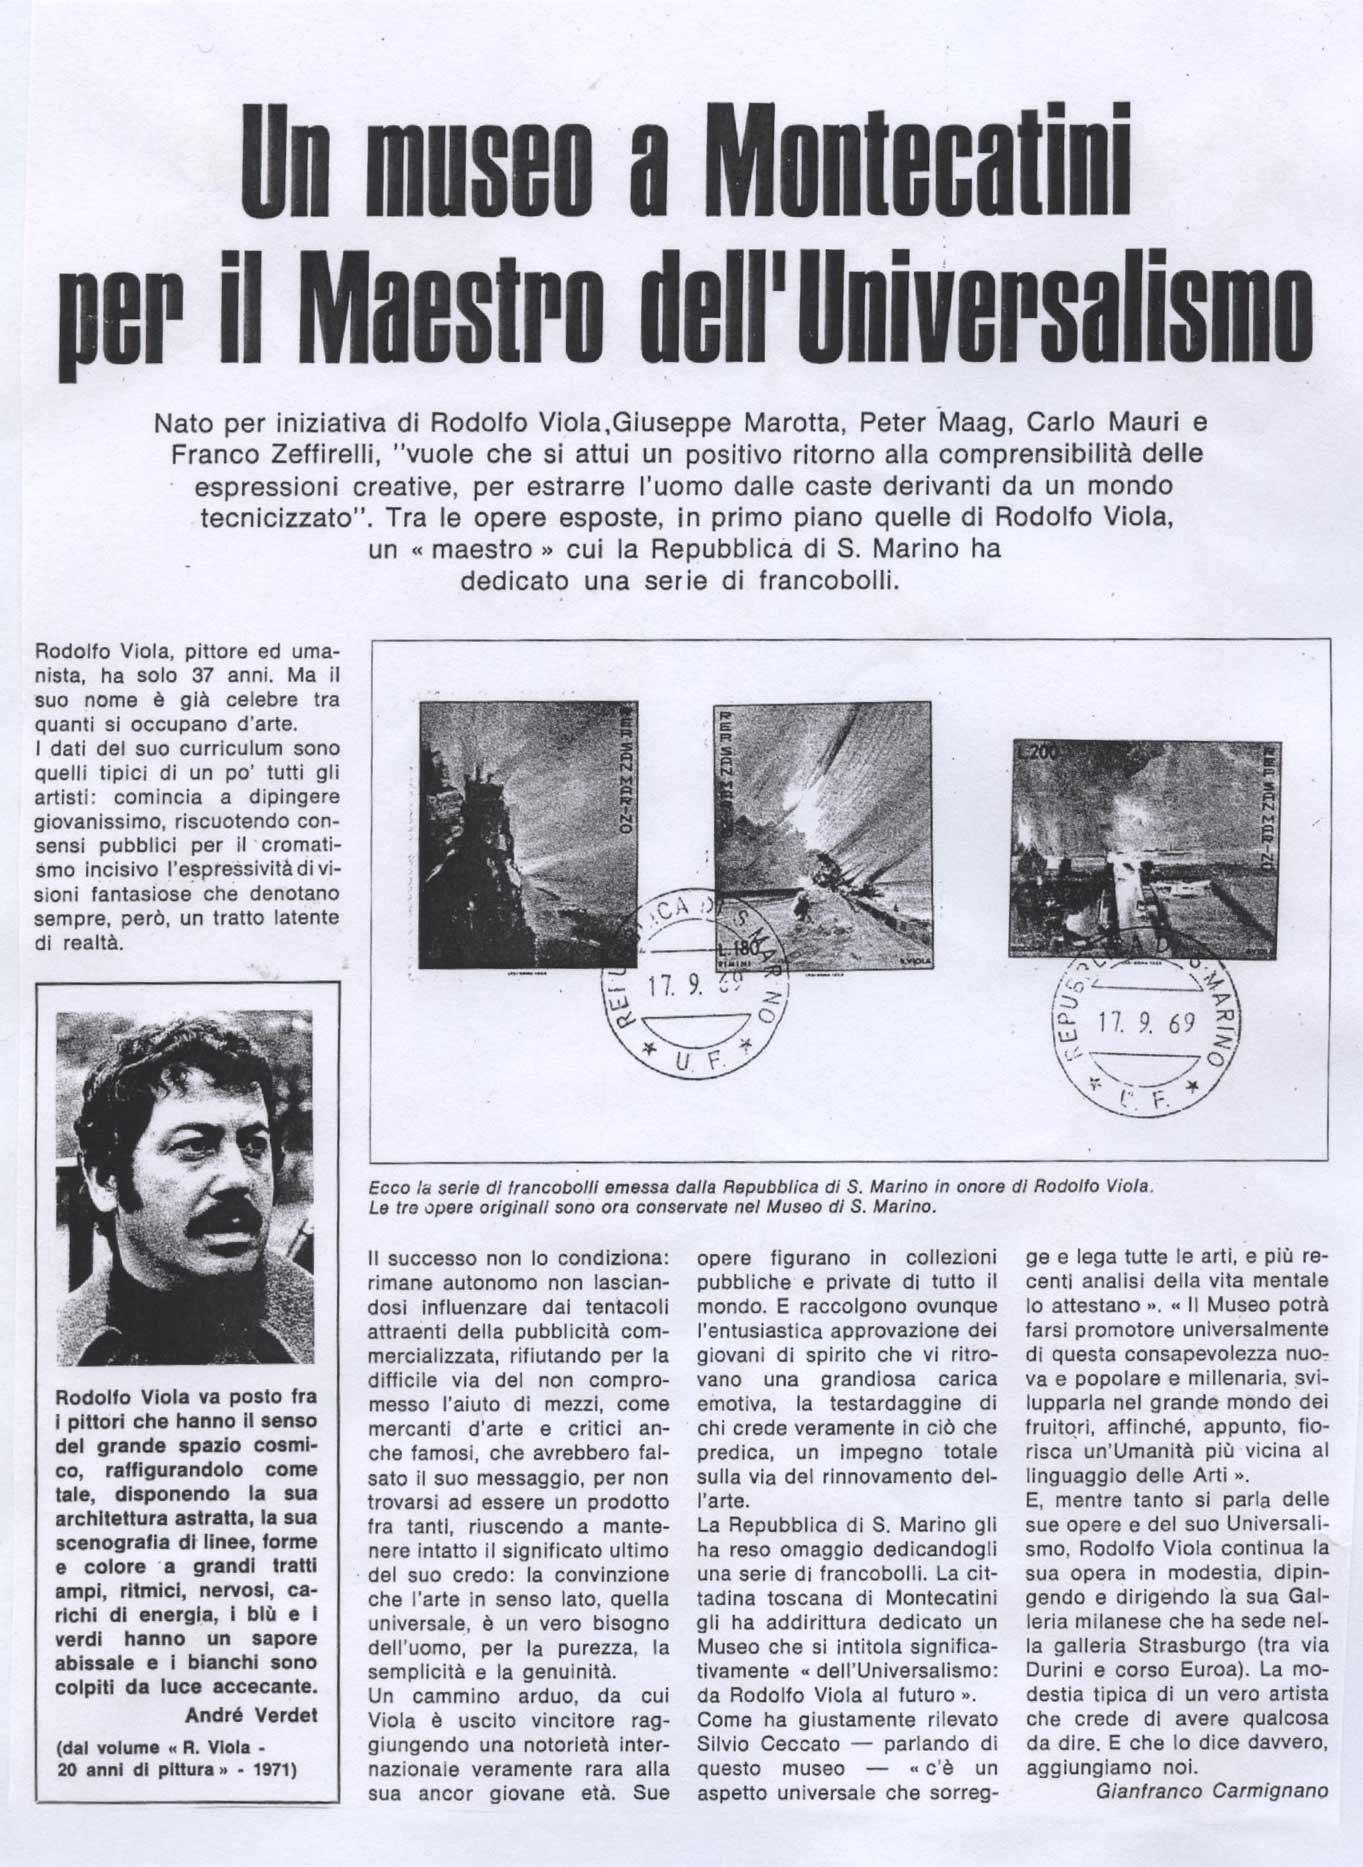 AA_Universalismo-Epoca-1972.jpg